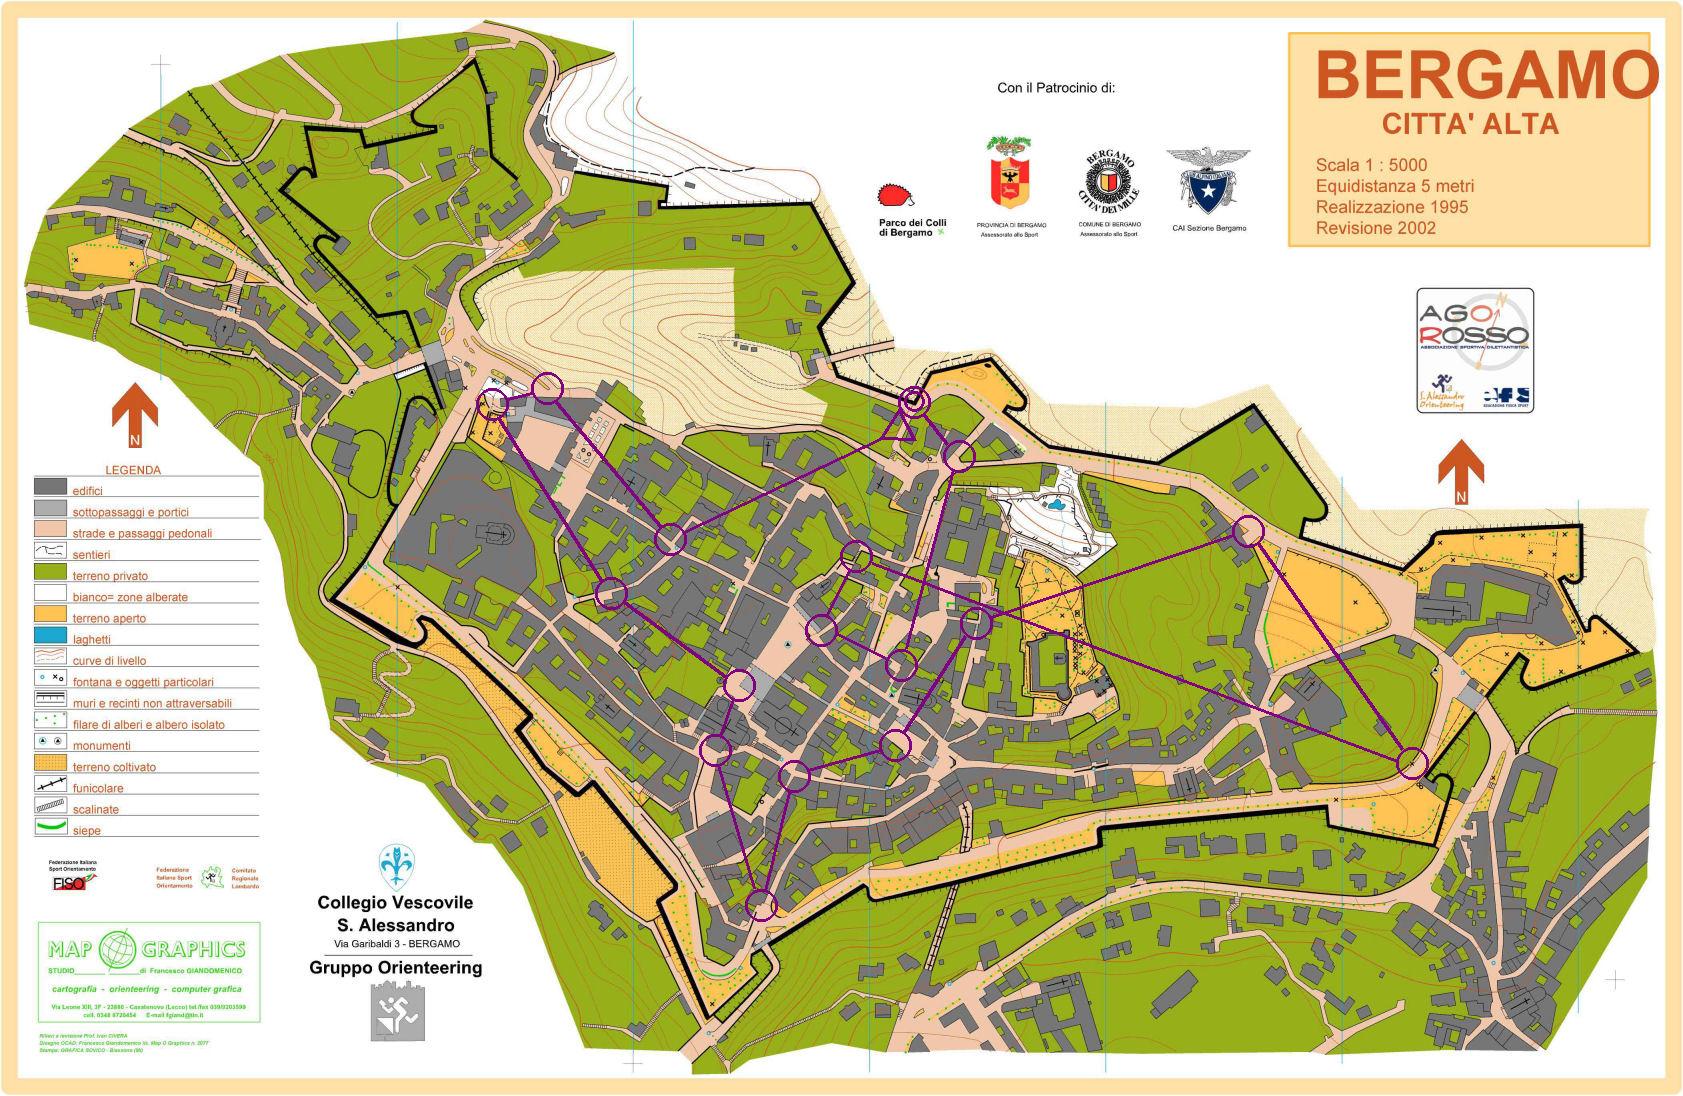 b a s bergamo italy map - photo#5